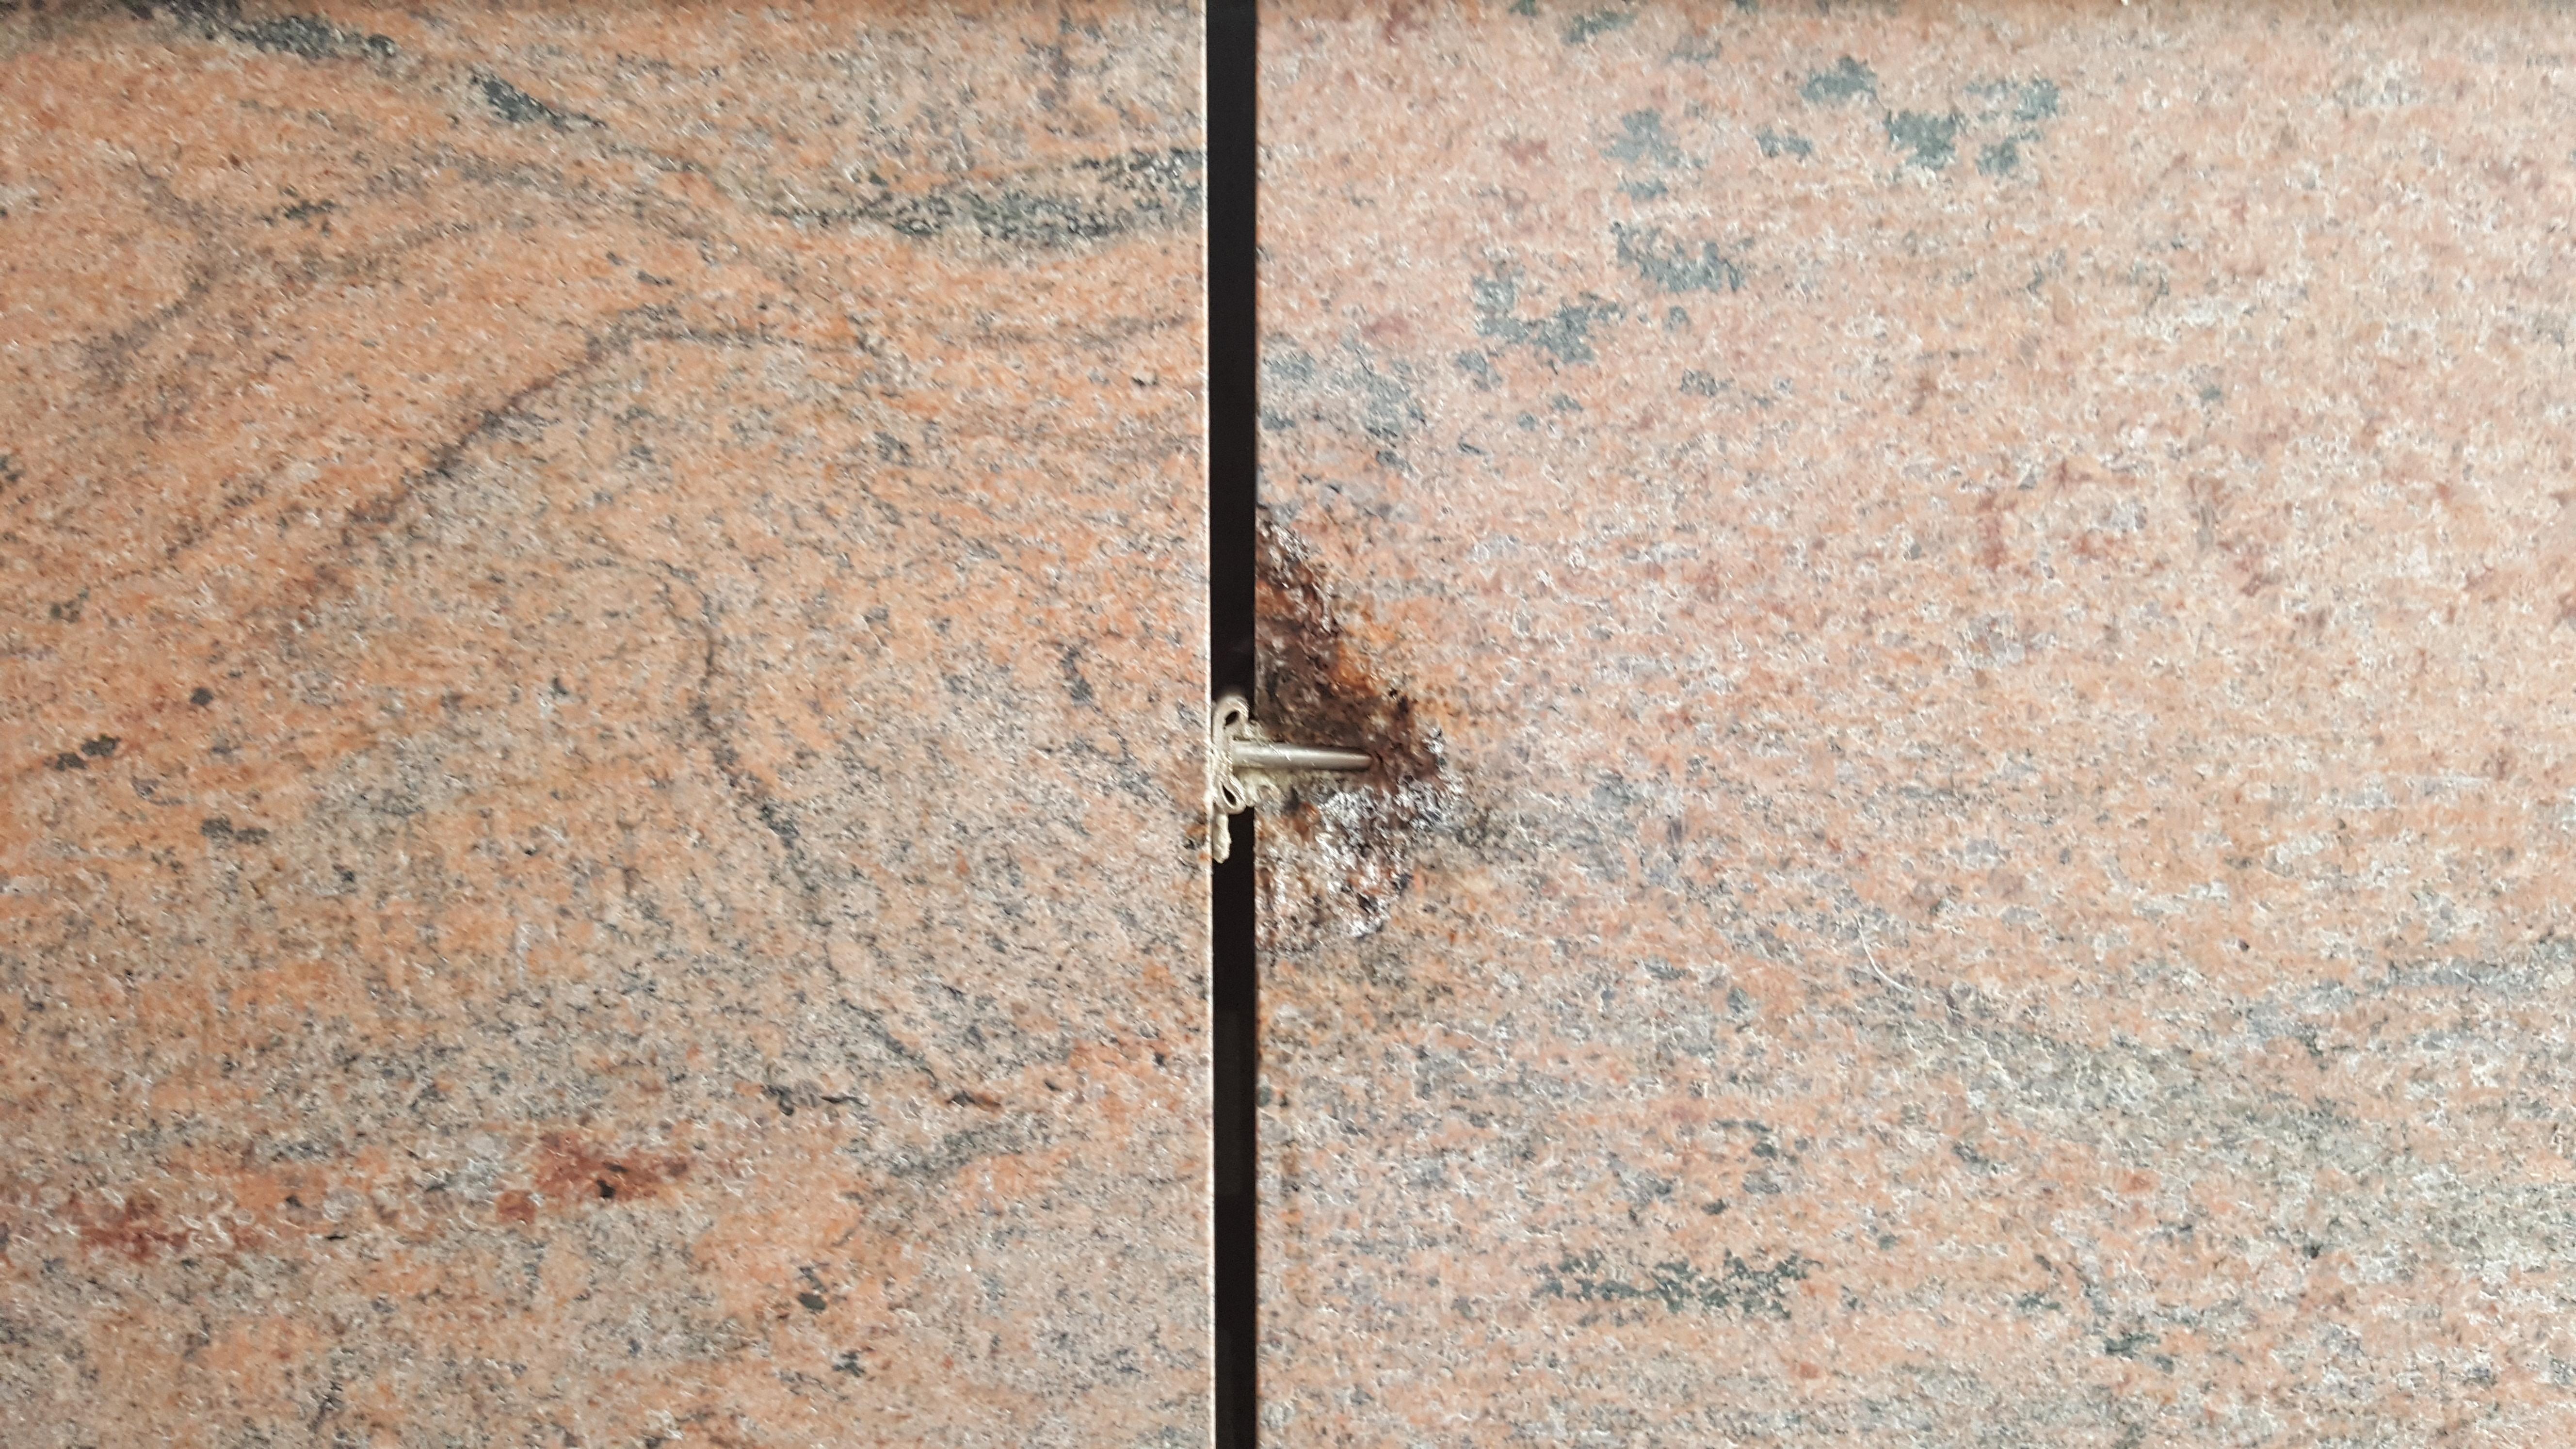 Favorit Naturstein - Kunststein - Oberflächen - Instandsetzung IG04